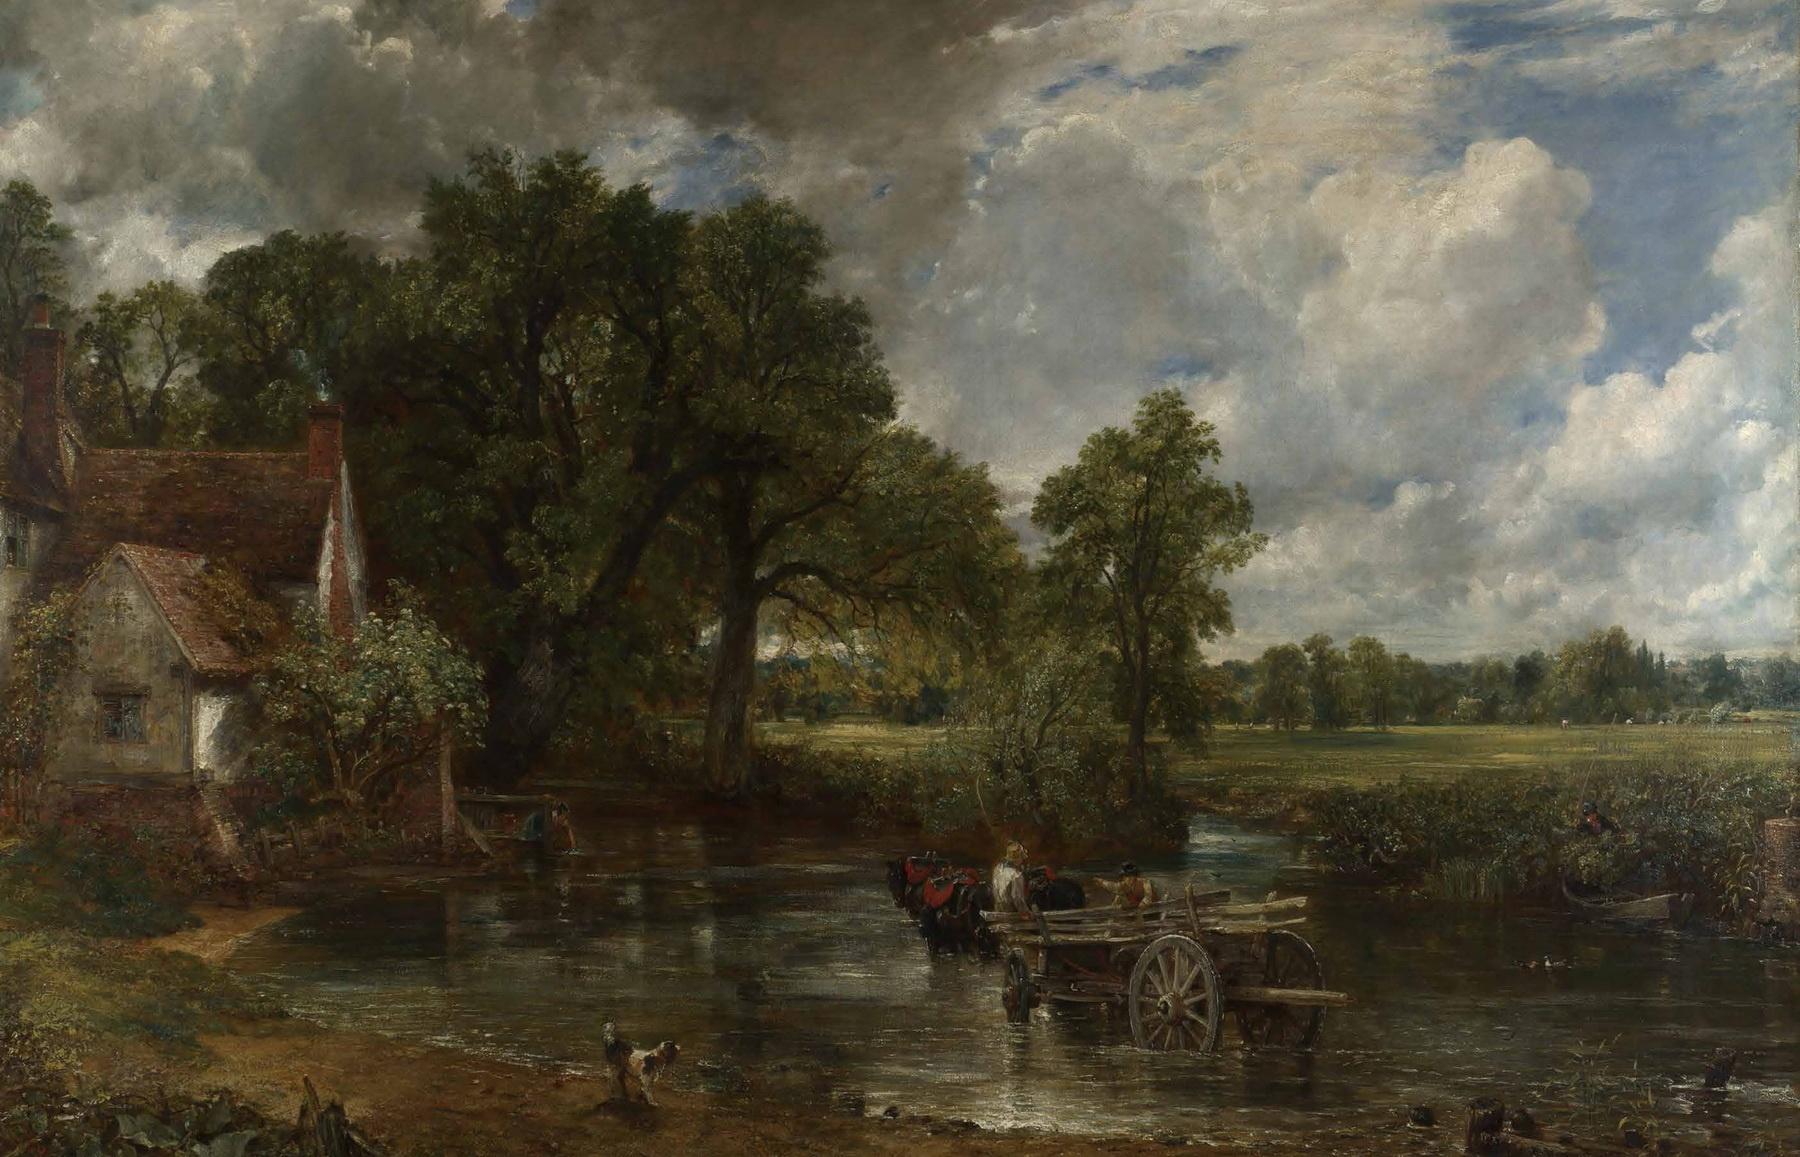 英国风景画大师 西方风景画大师作品精选 色彩风景油画集画册素描艺术